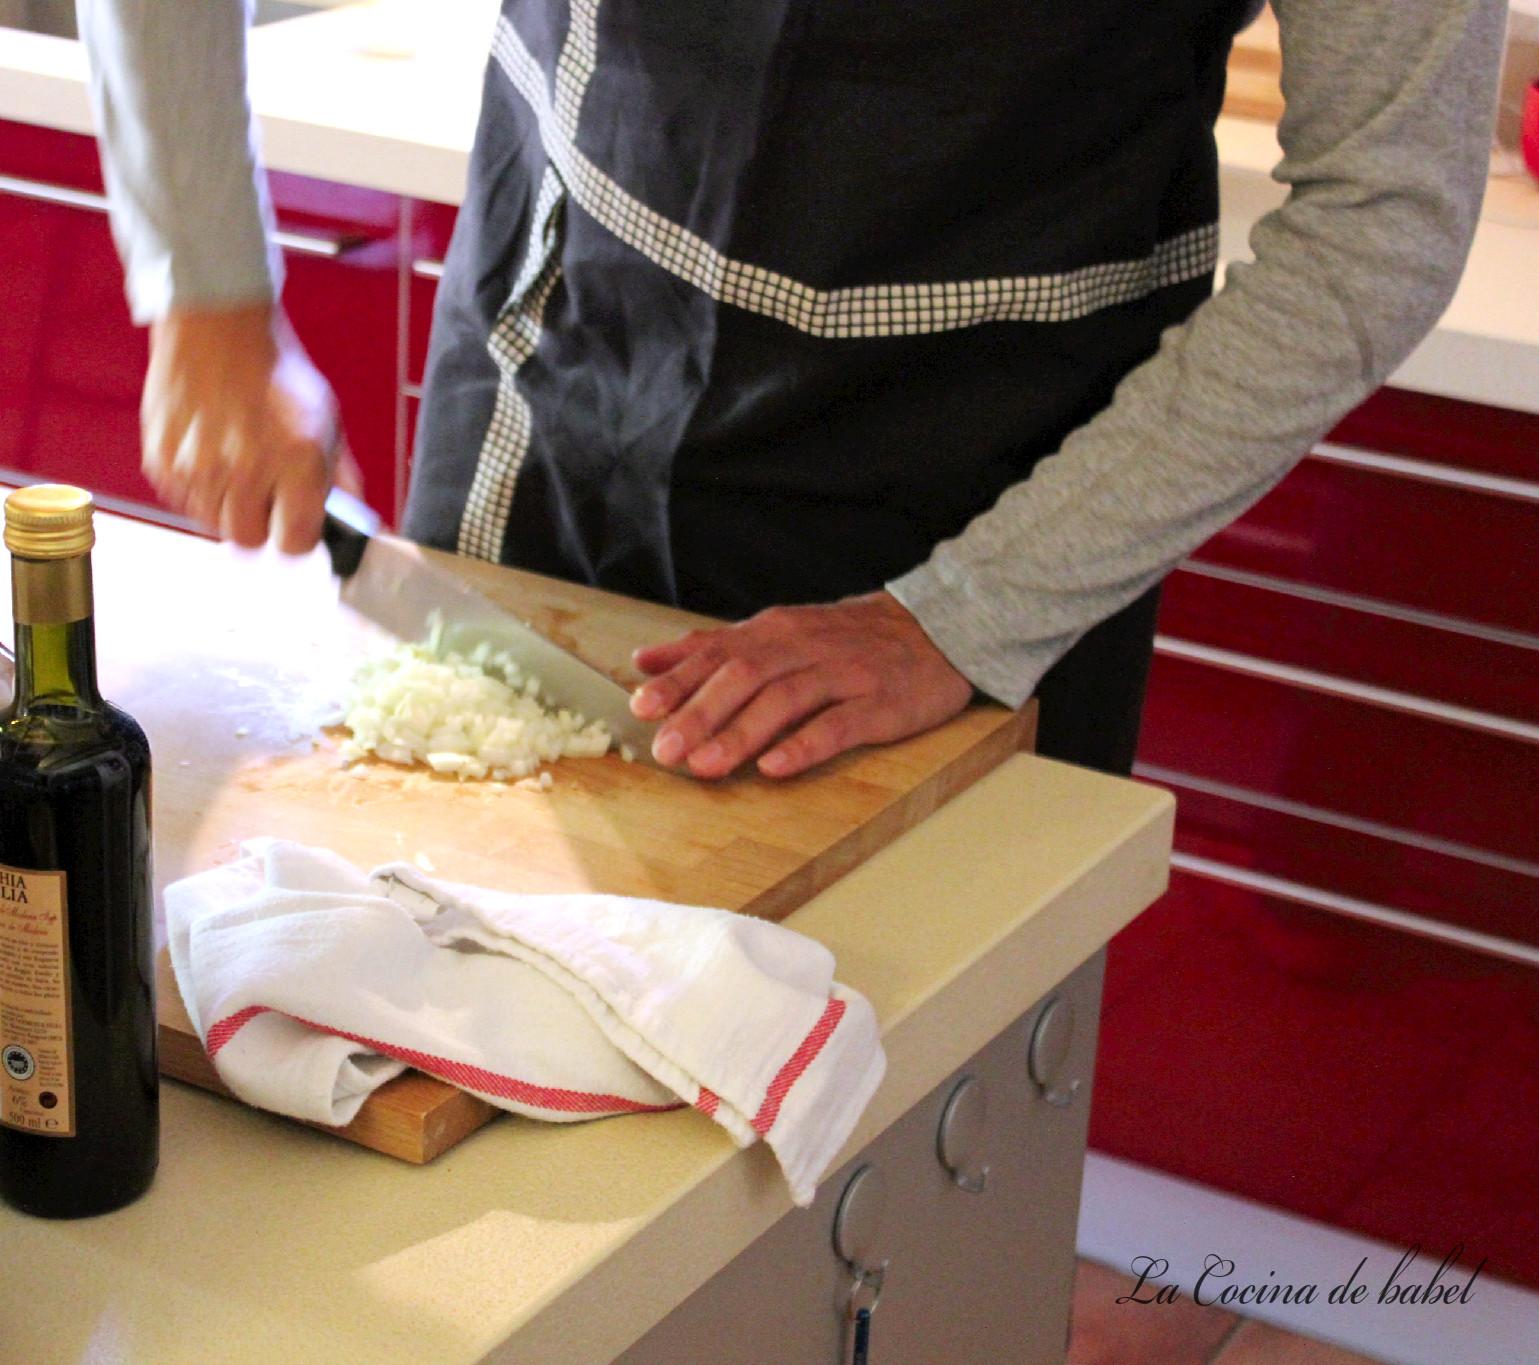 la cocina de babel fabada gallega que guapa ye